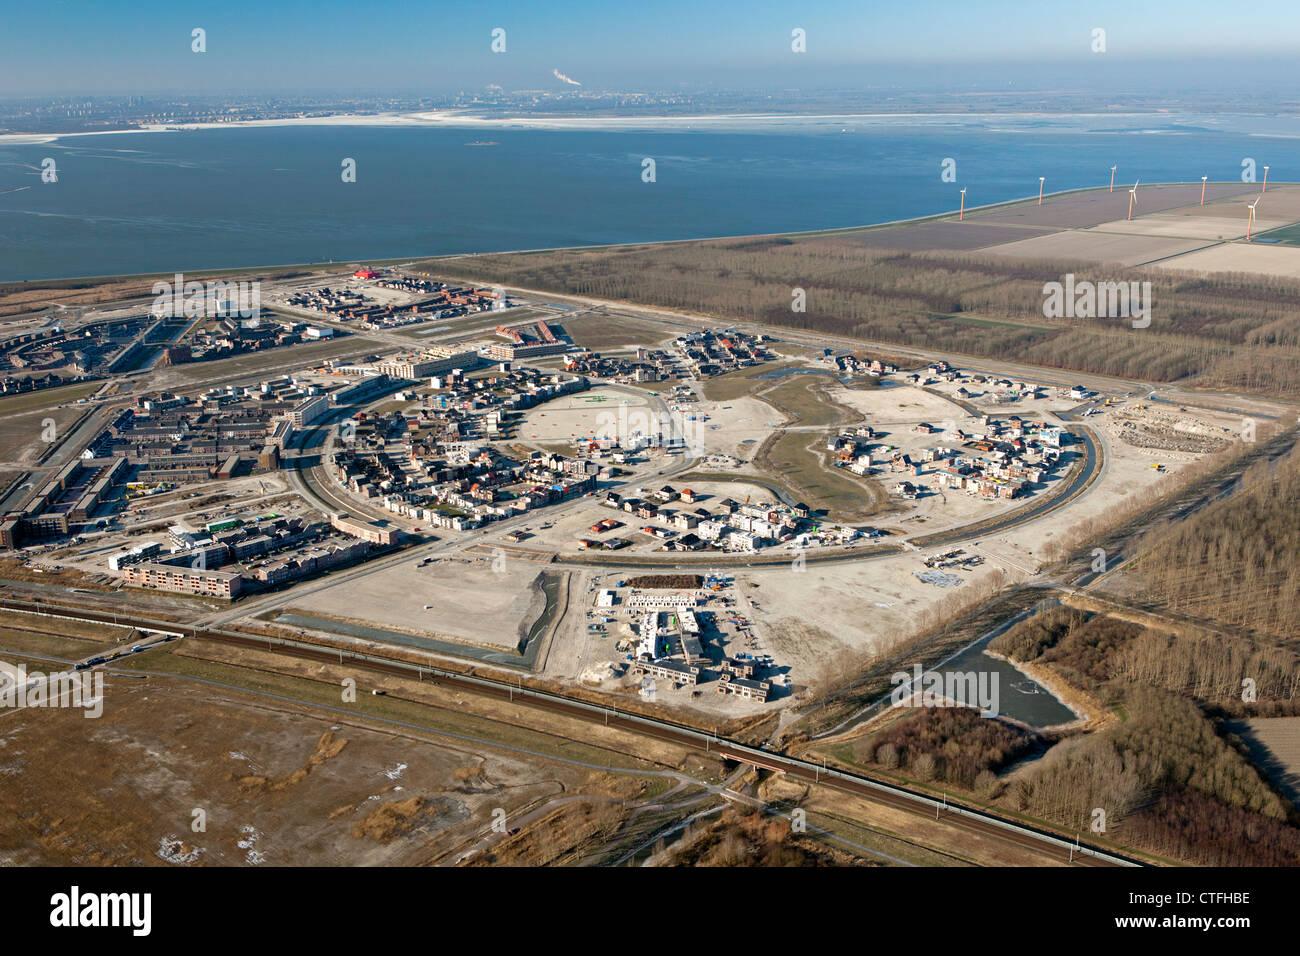 I Paesi Bassi, Almere, costruzione di aree residenziali. Quartiere chiamato Almere Pampus. IJmeer. Antenna. Immagini Stock